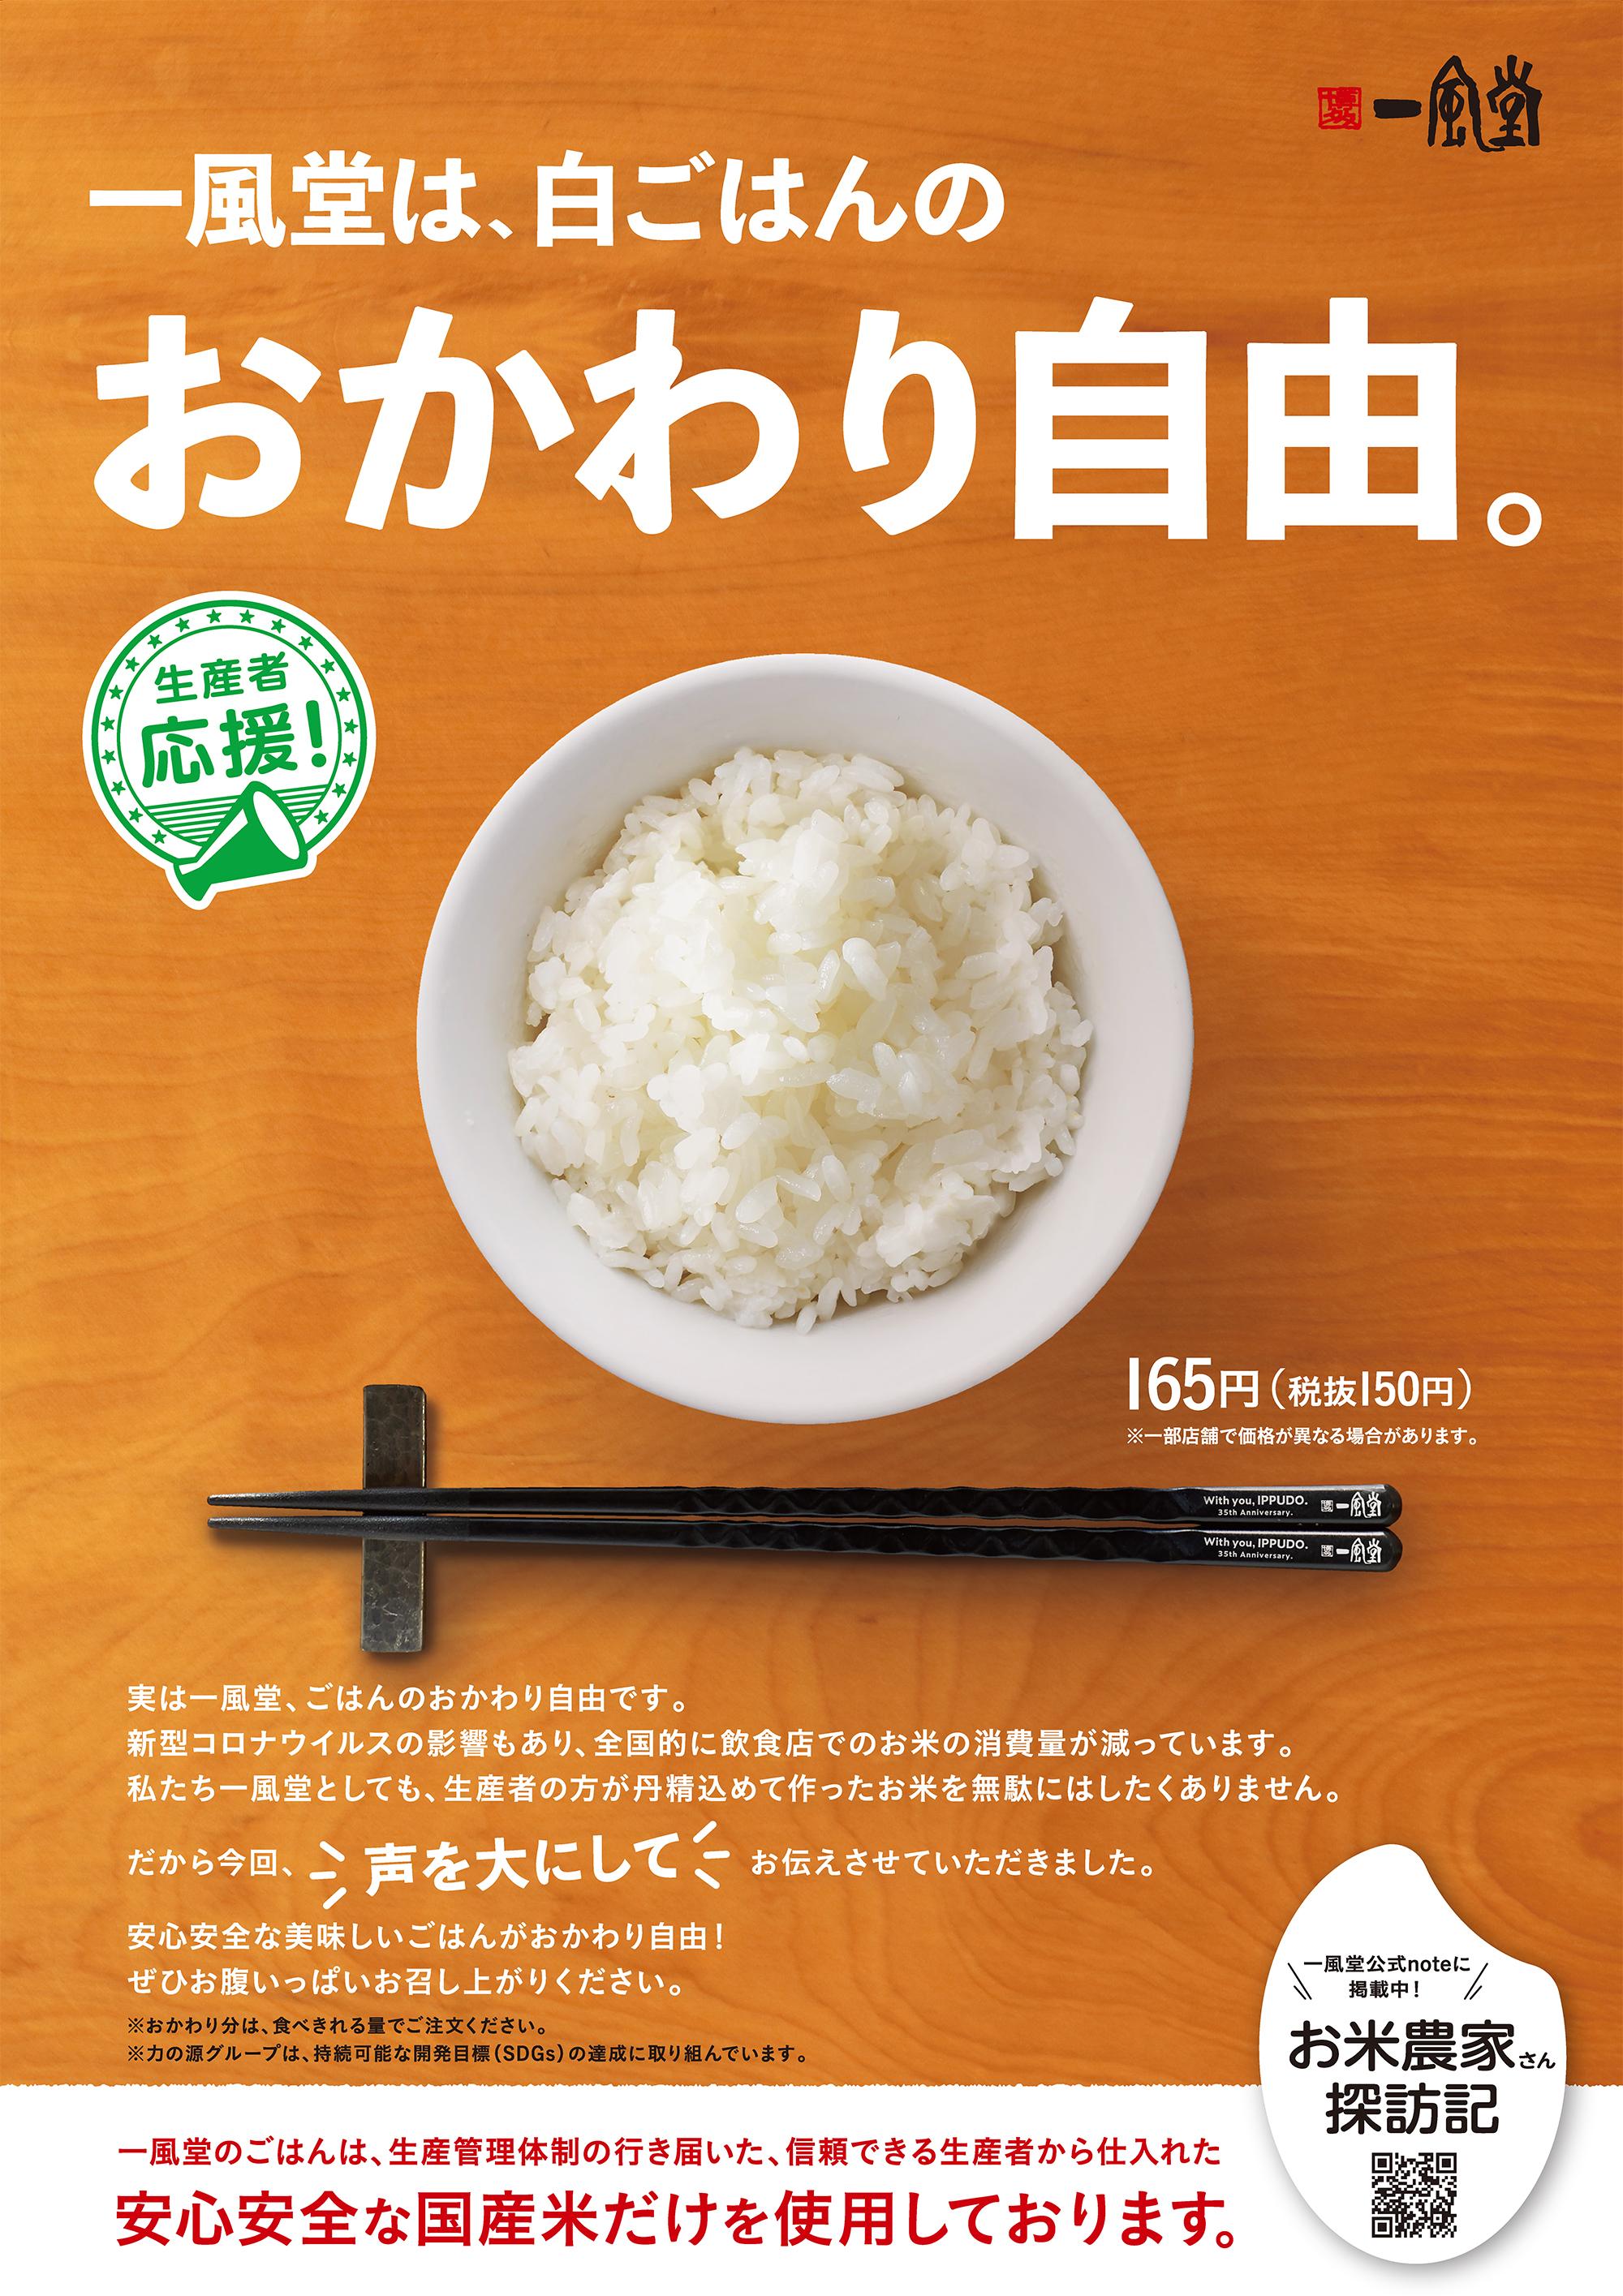 210112_お米キャンペーン